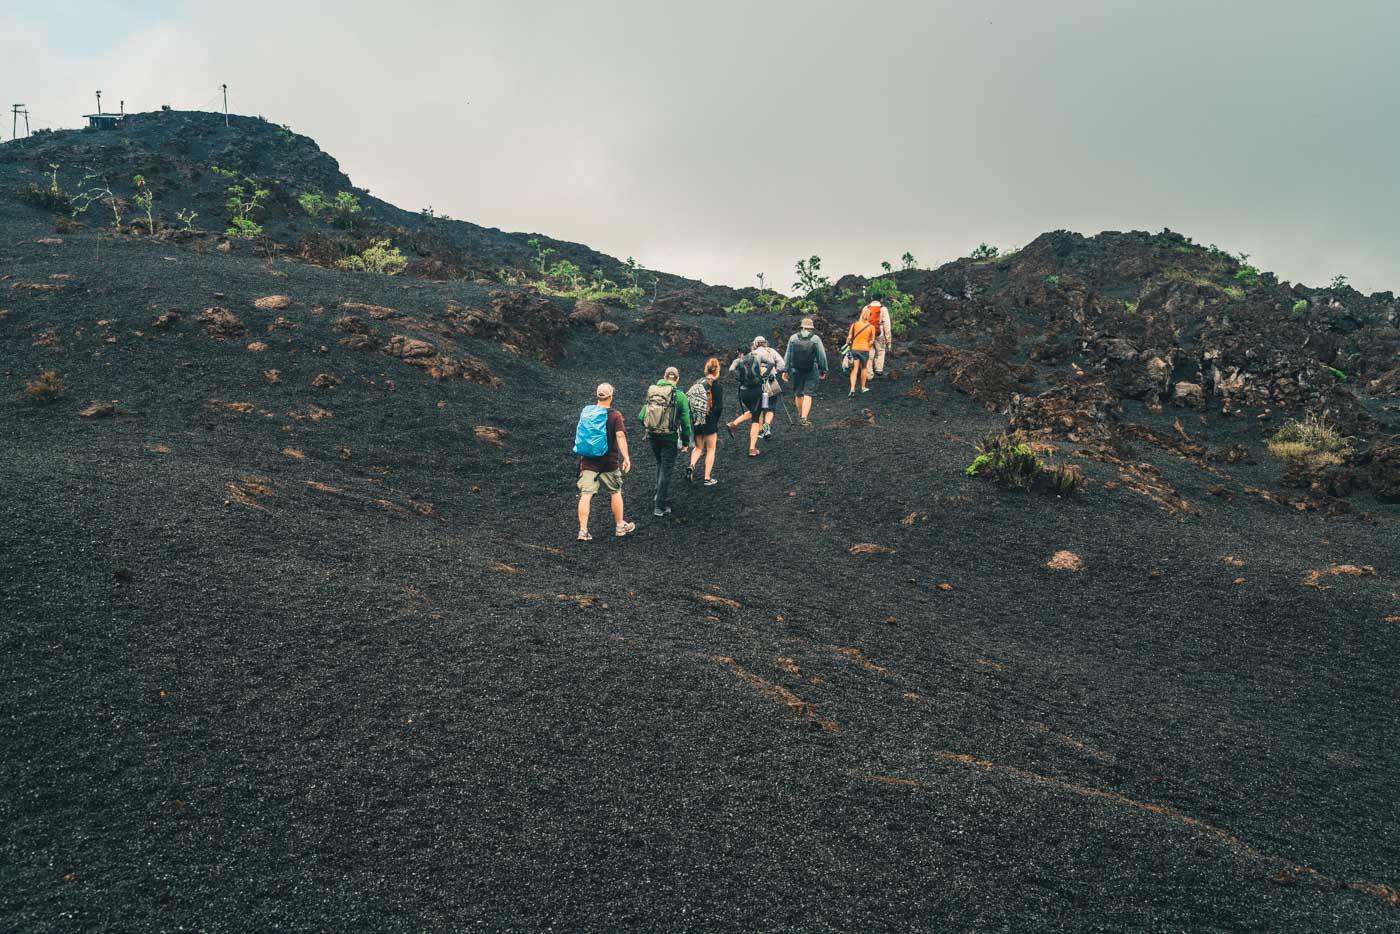 Hiking on Cerro Negro volcano on Isabela Island, Galapagos